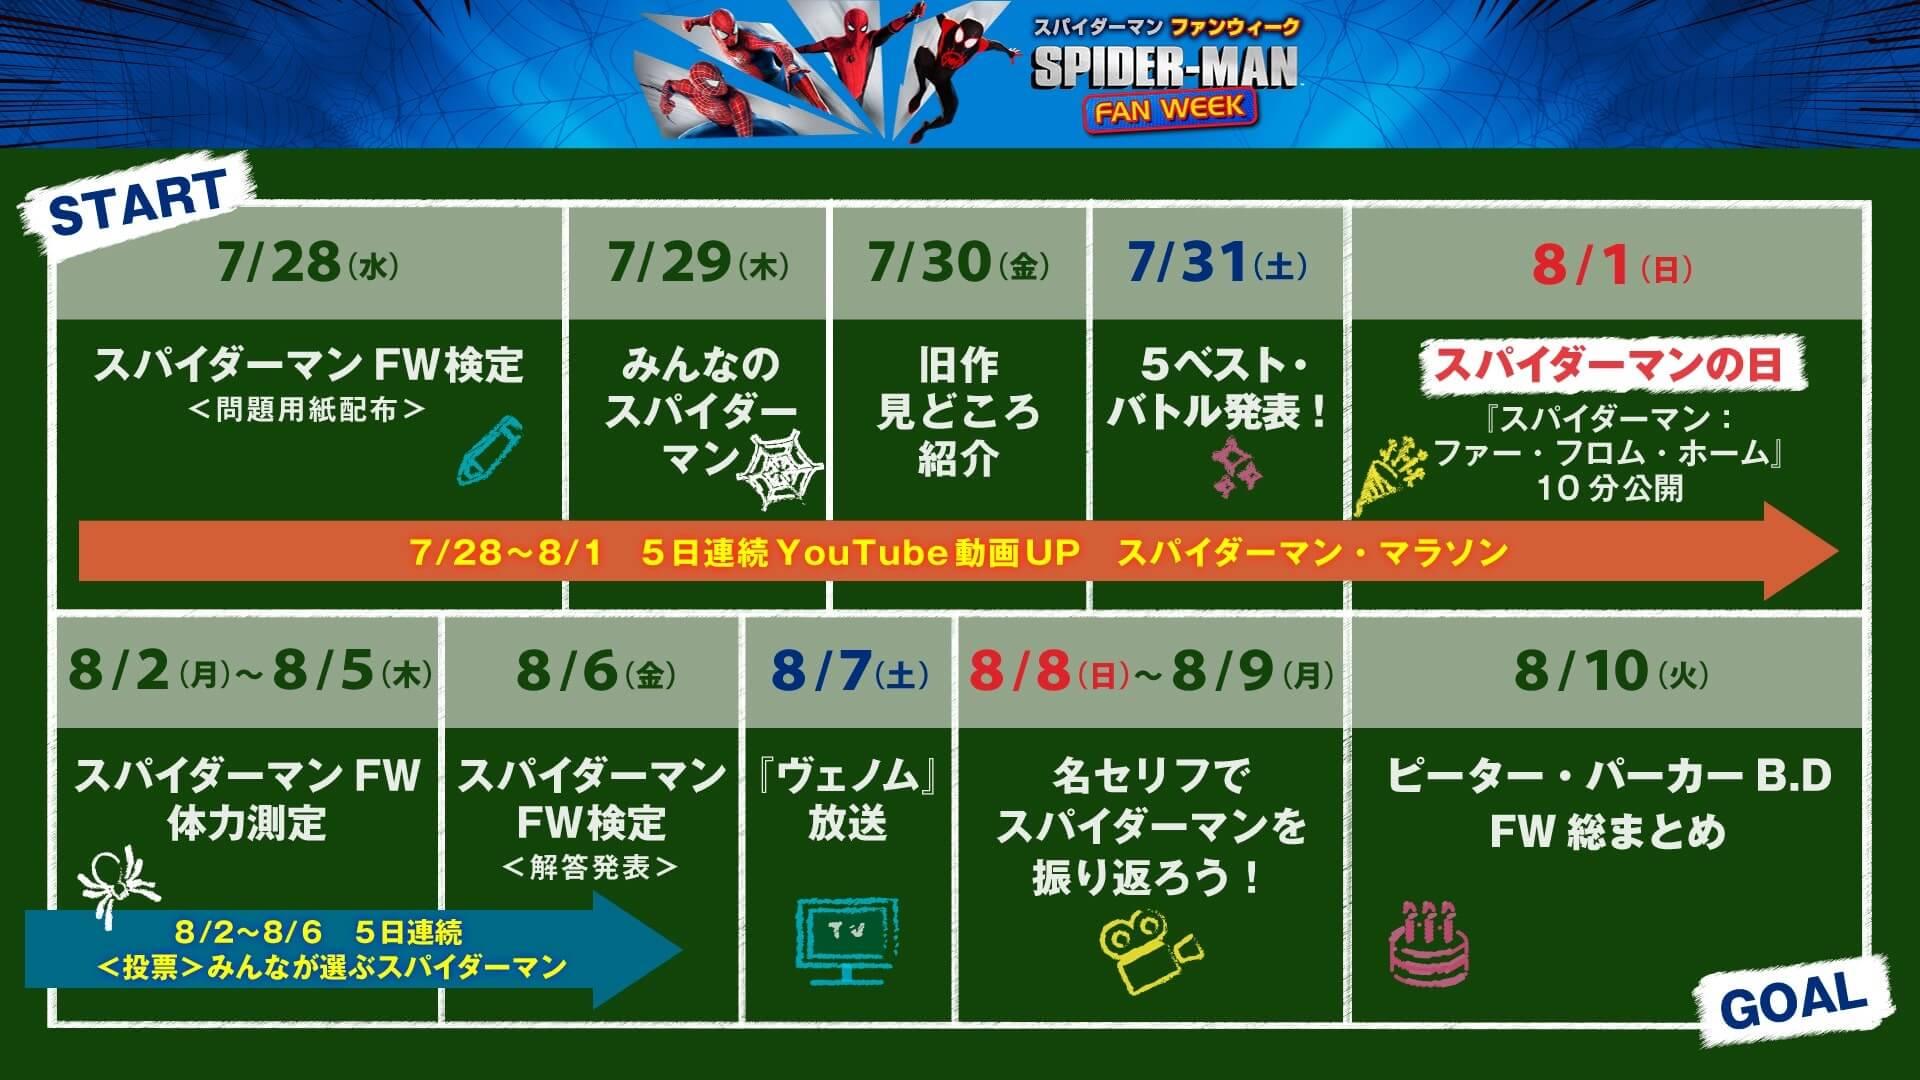 『スパイダーマン』シリーズの一部本編映像&NG映像も解禁!「スパイダーマン ファンウィーク」が本日より開催 flim210728_spiderman_1